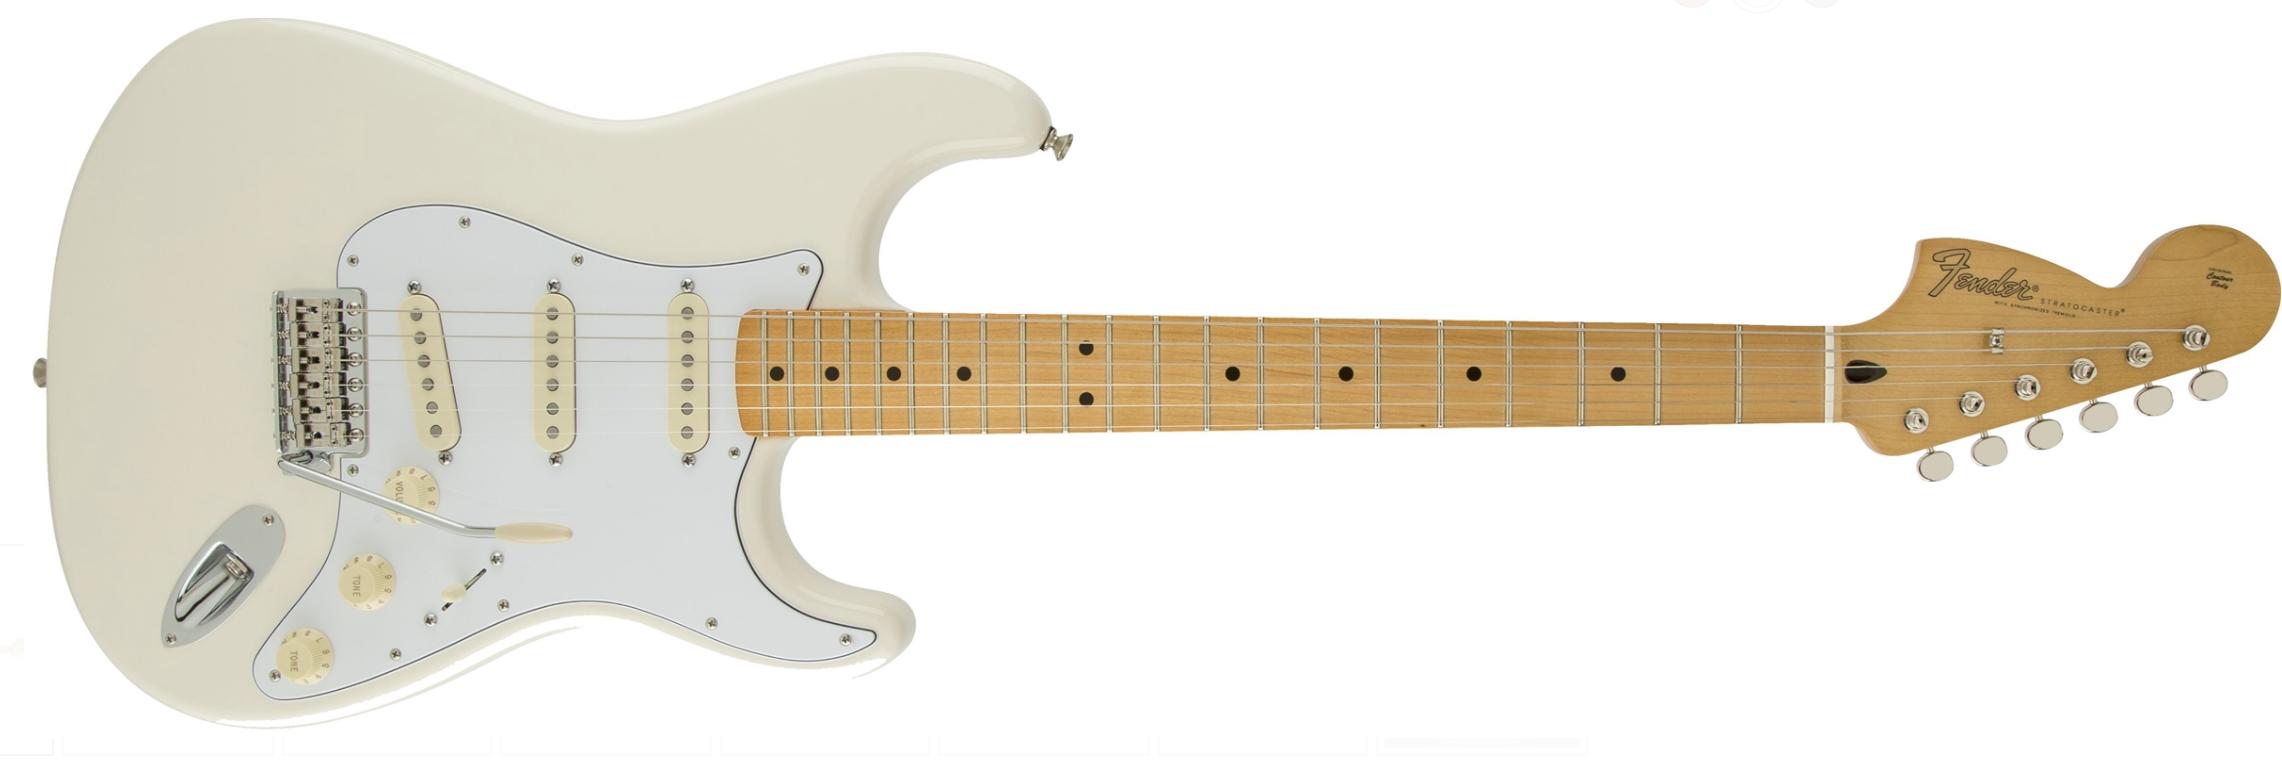 Win a Brand New Fender Jimi Hendrix Stratocaster!